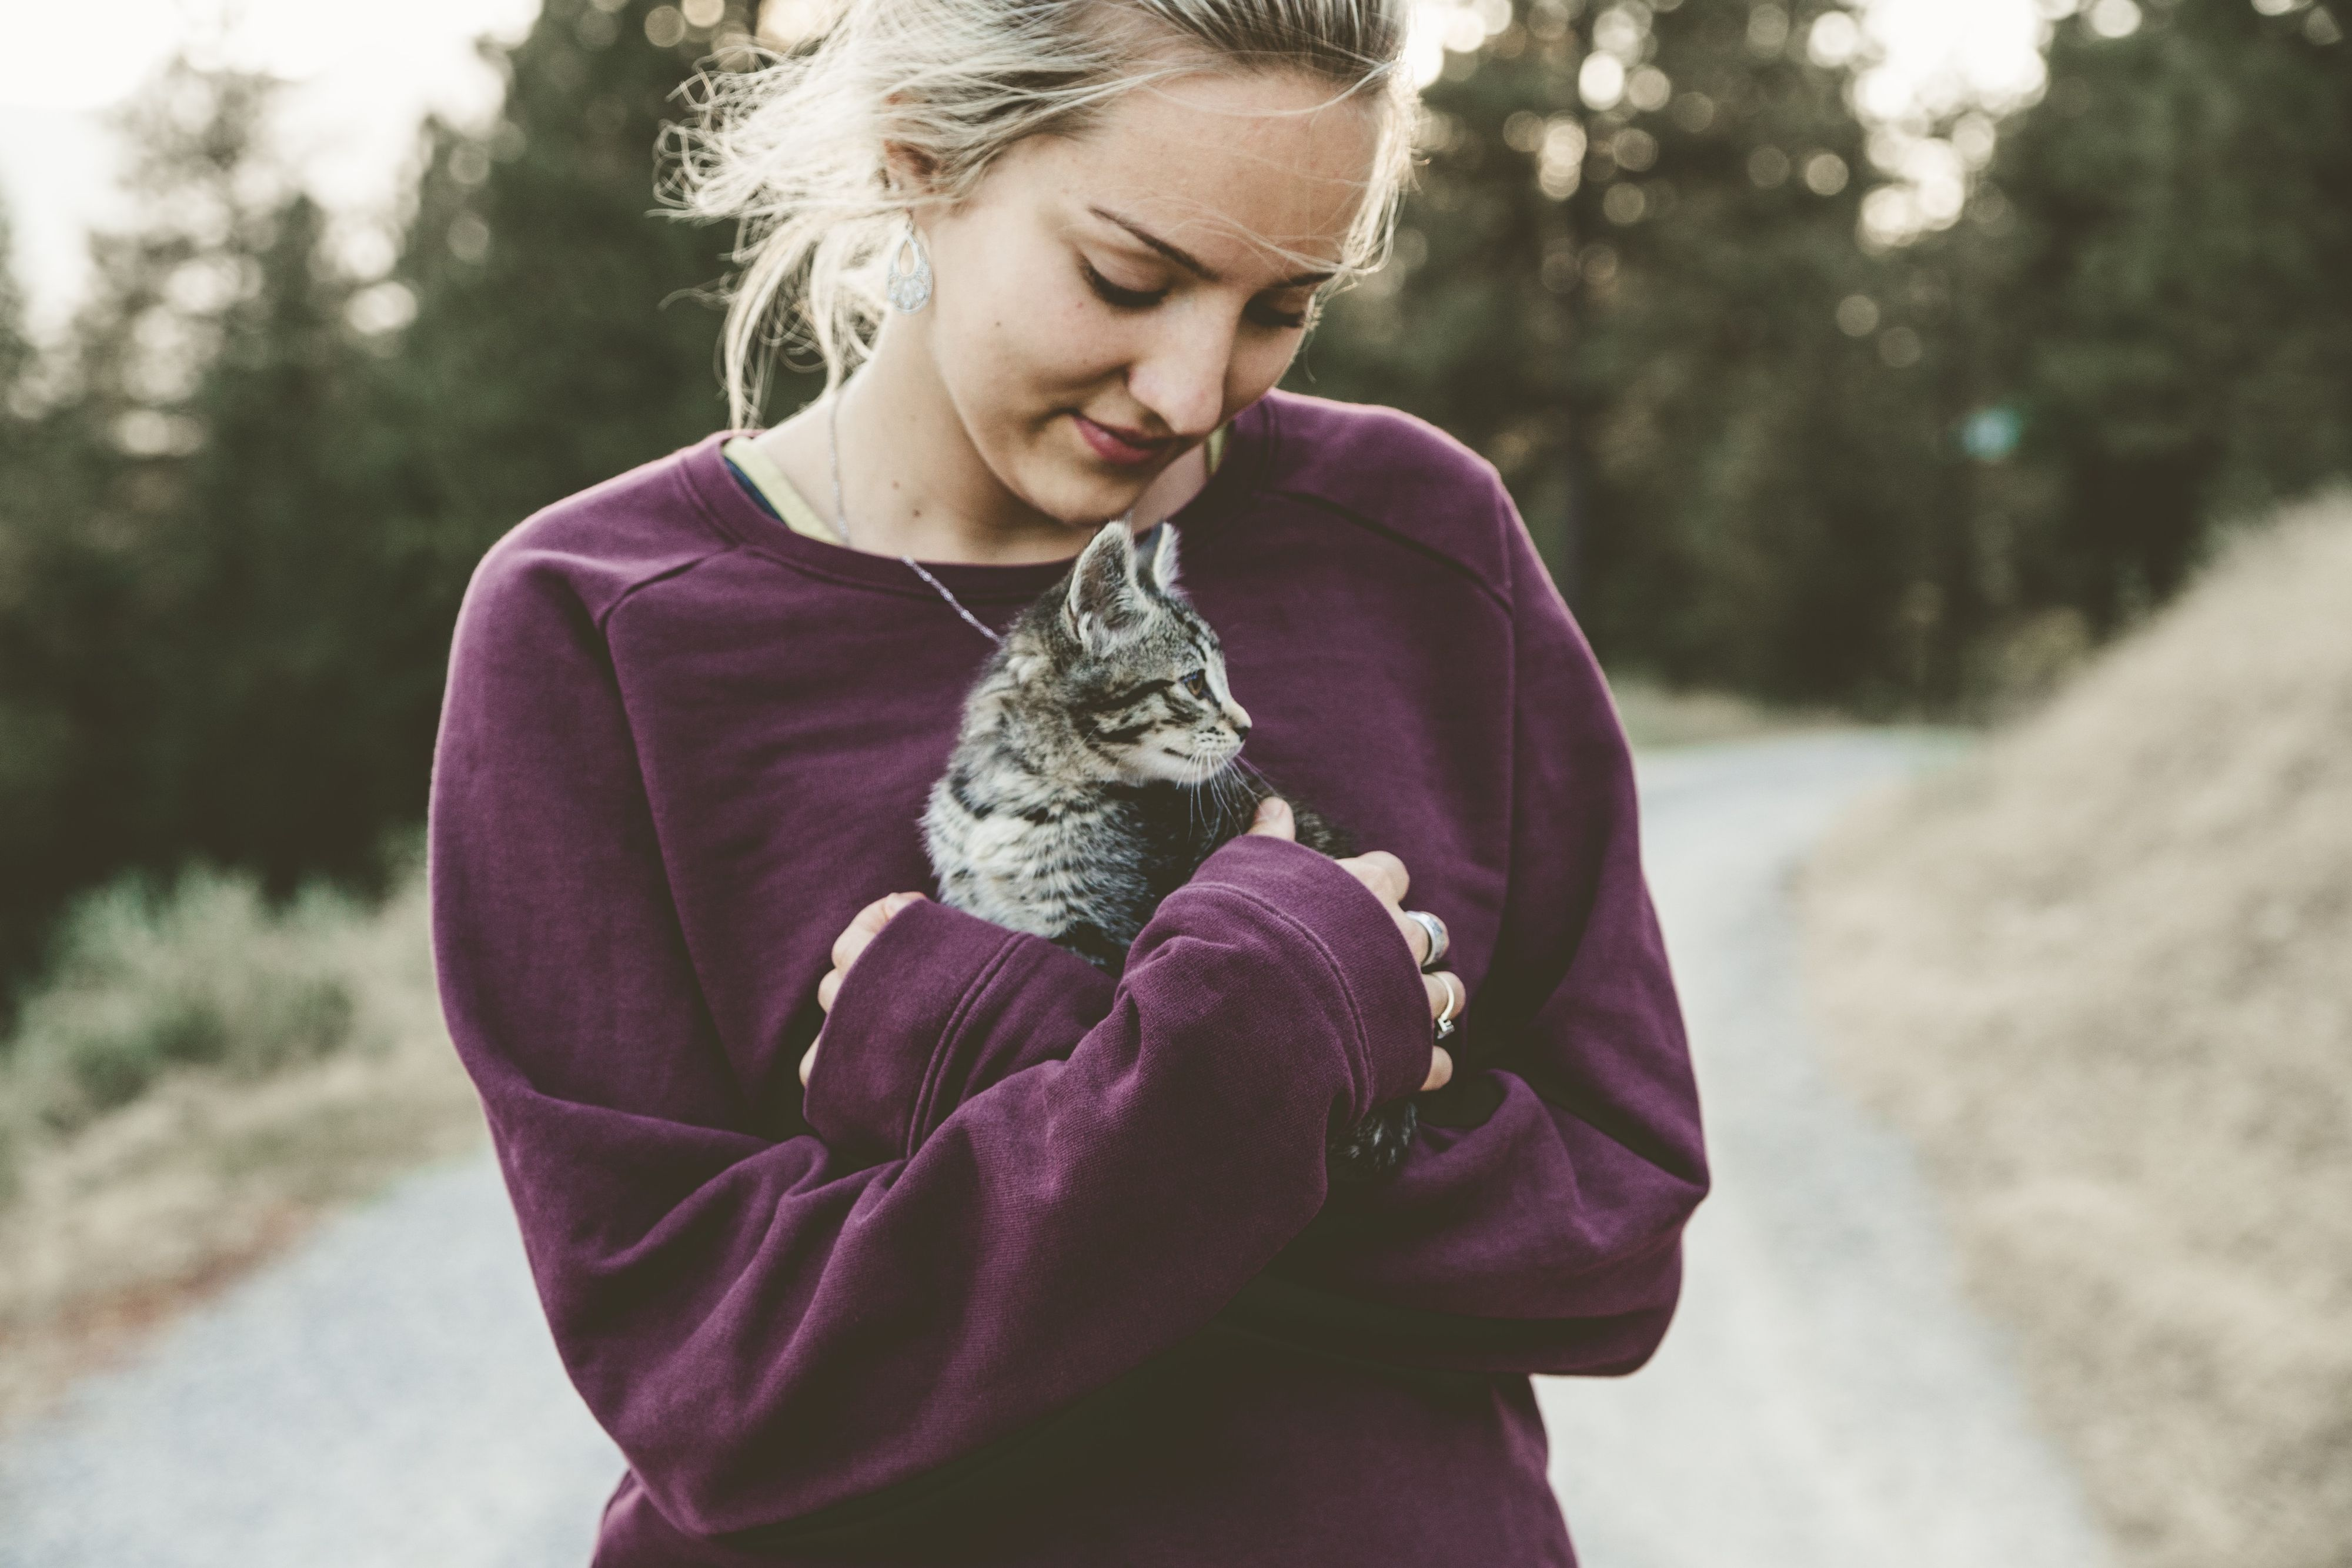 Опрос от Мамба: что думают мужчины о мифе 40 кошек?